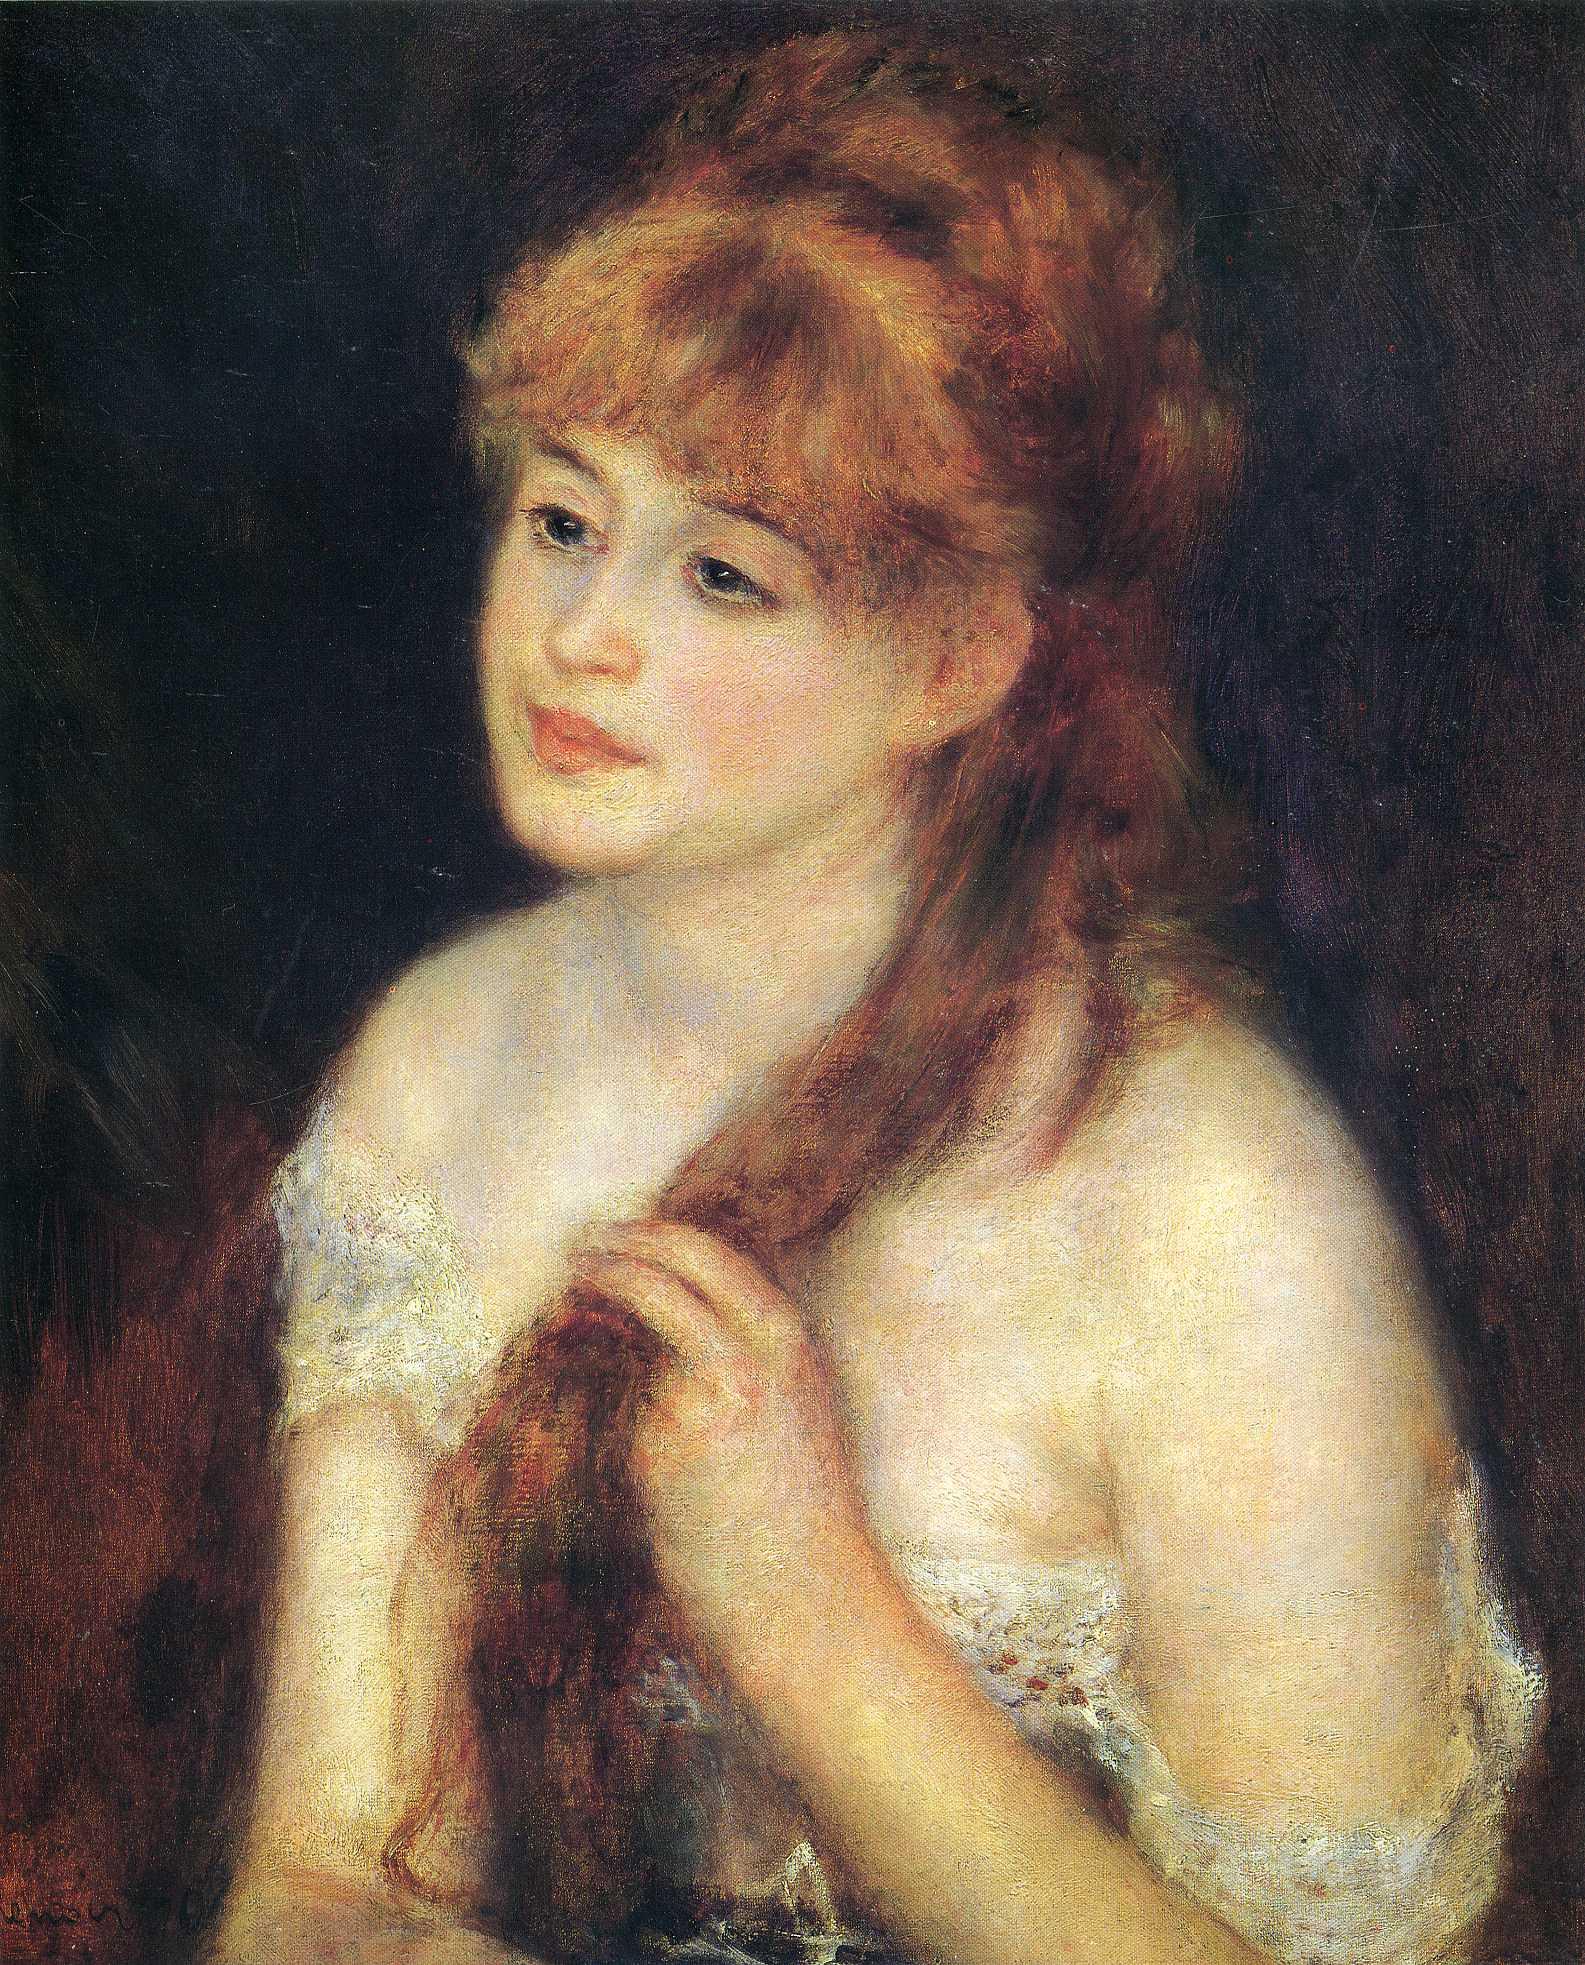 «Женский образ в творчестве О. Ренуара» (к 180-летию со дня рождения художника)